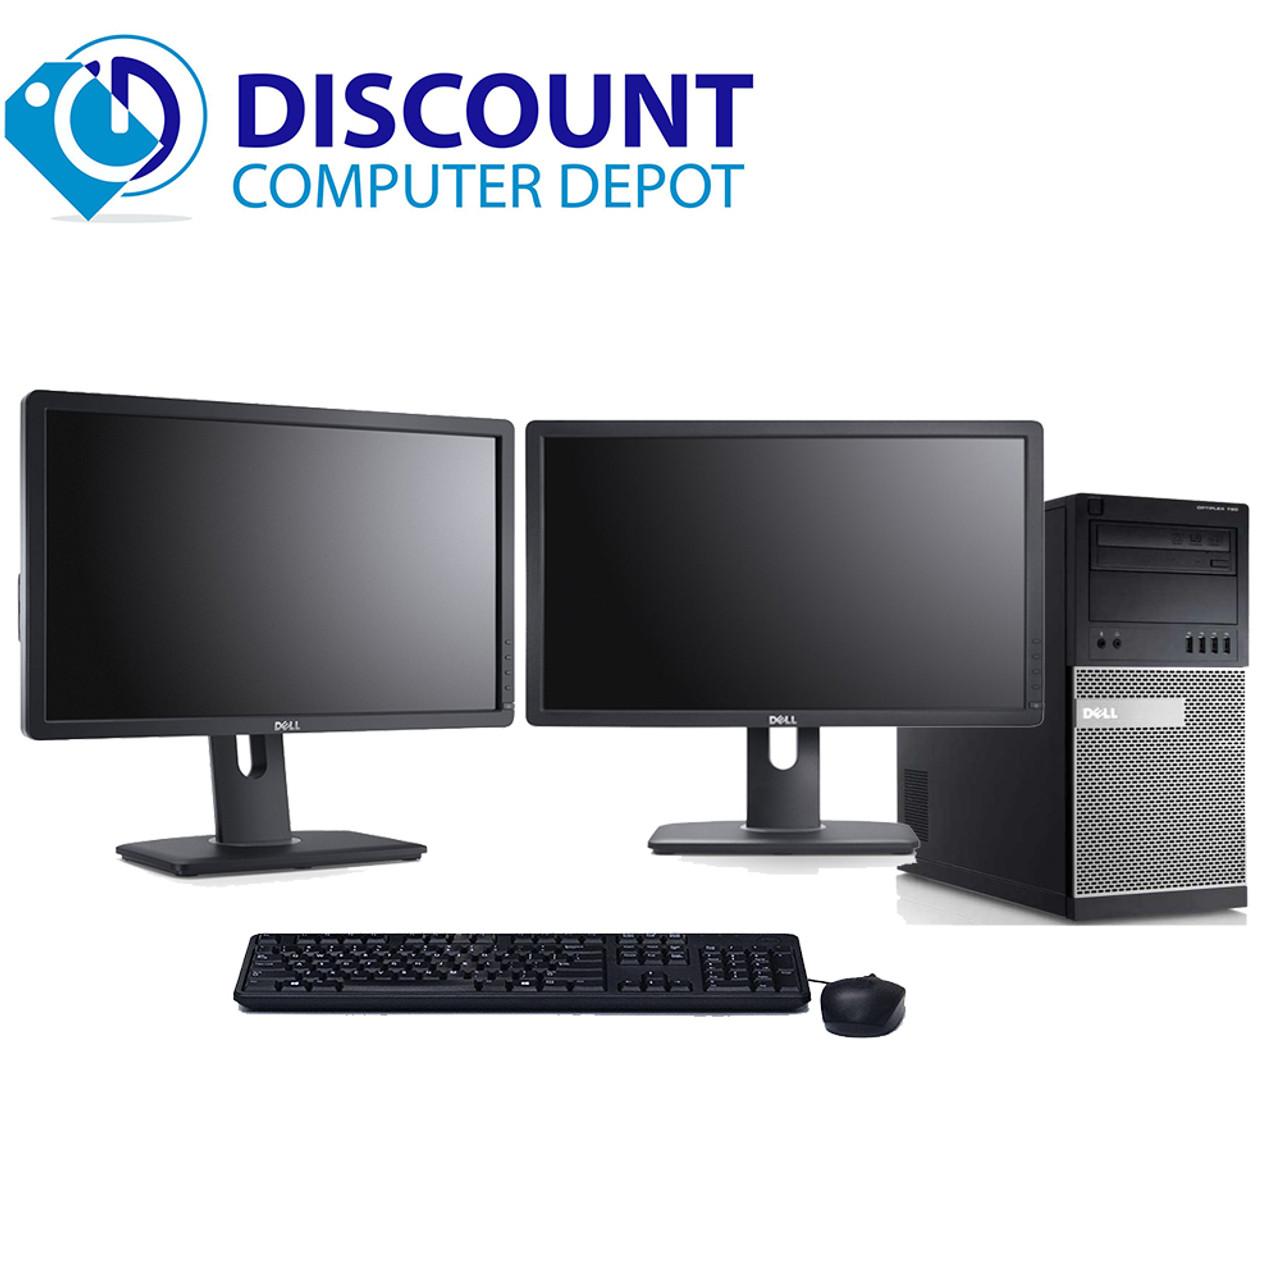 Dell Optiplex 3020 Windows 10 Pro desktop PC Quad i5 4GB 250GB w/dual LCD's  (1x17